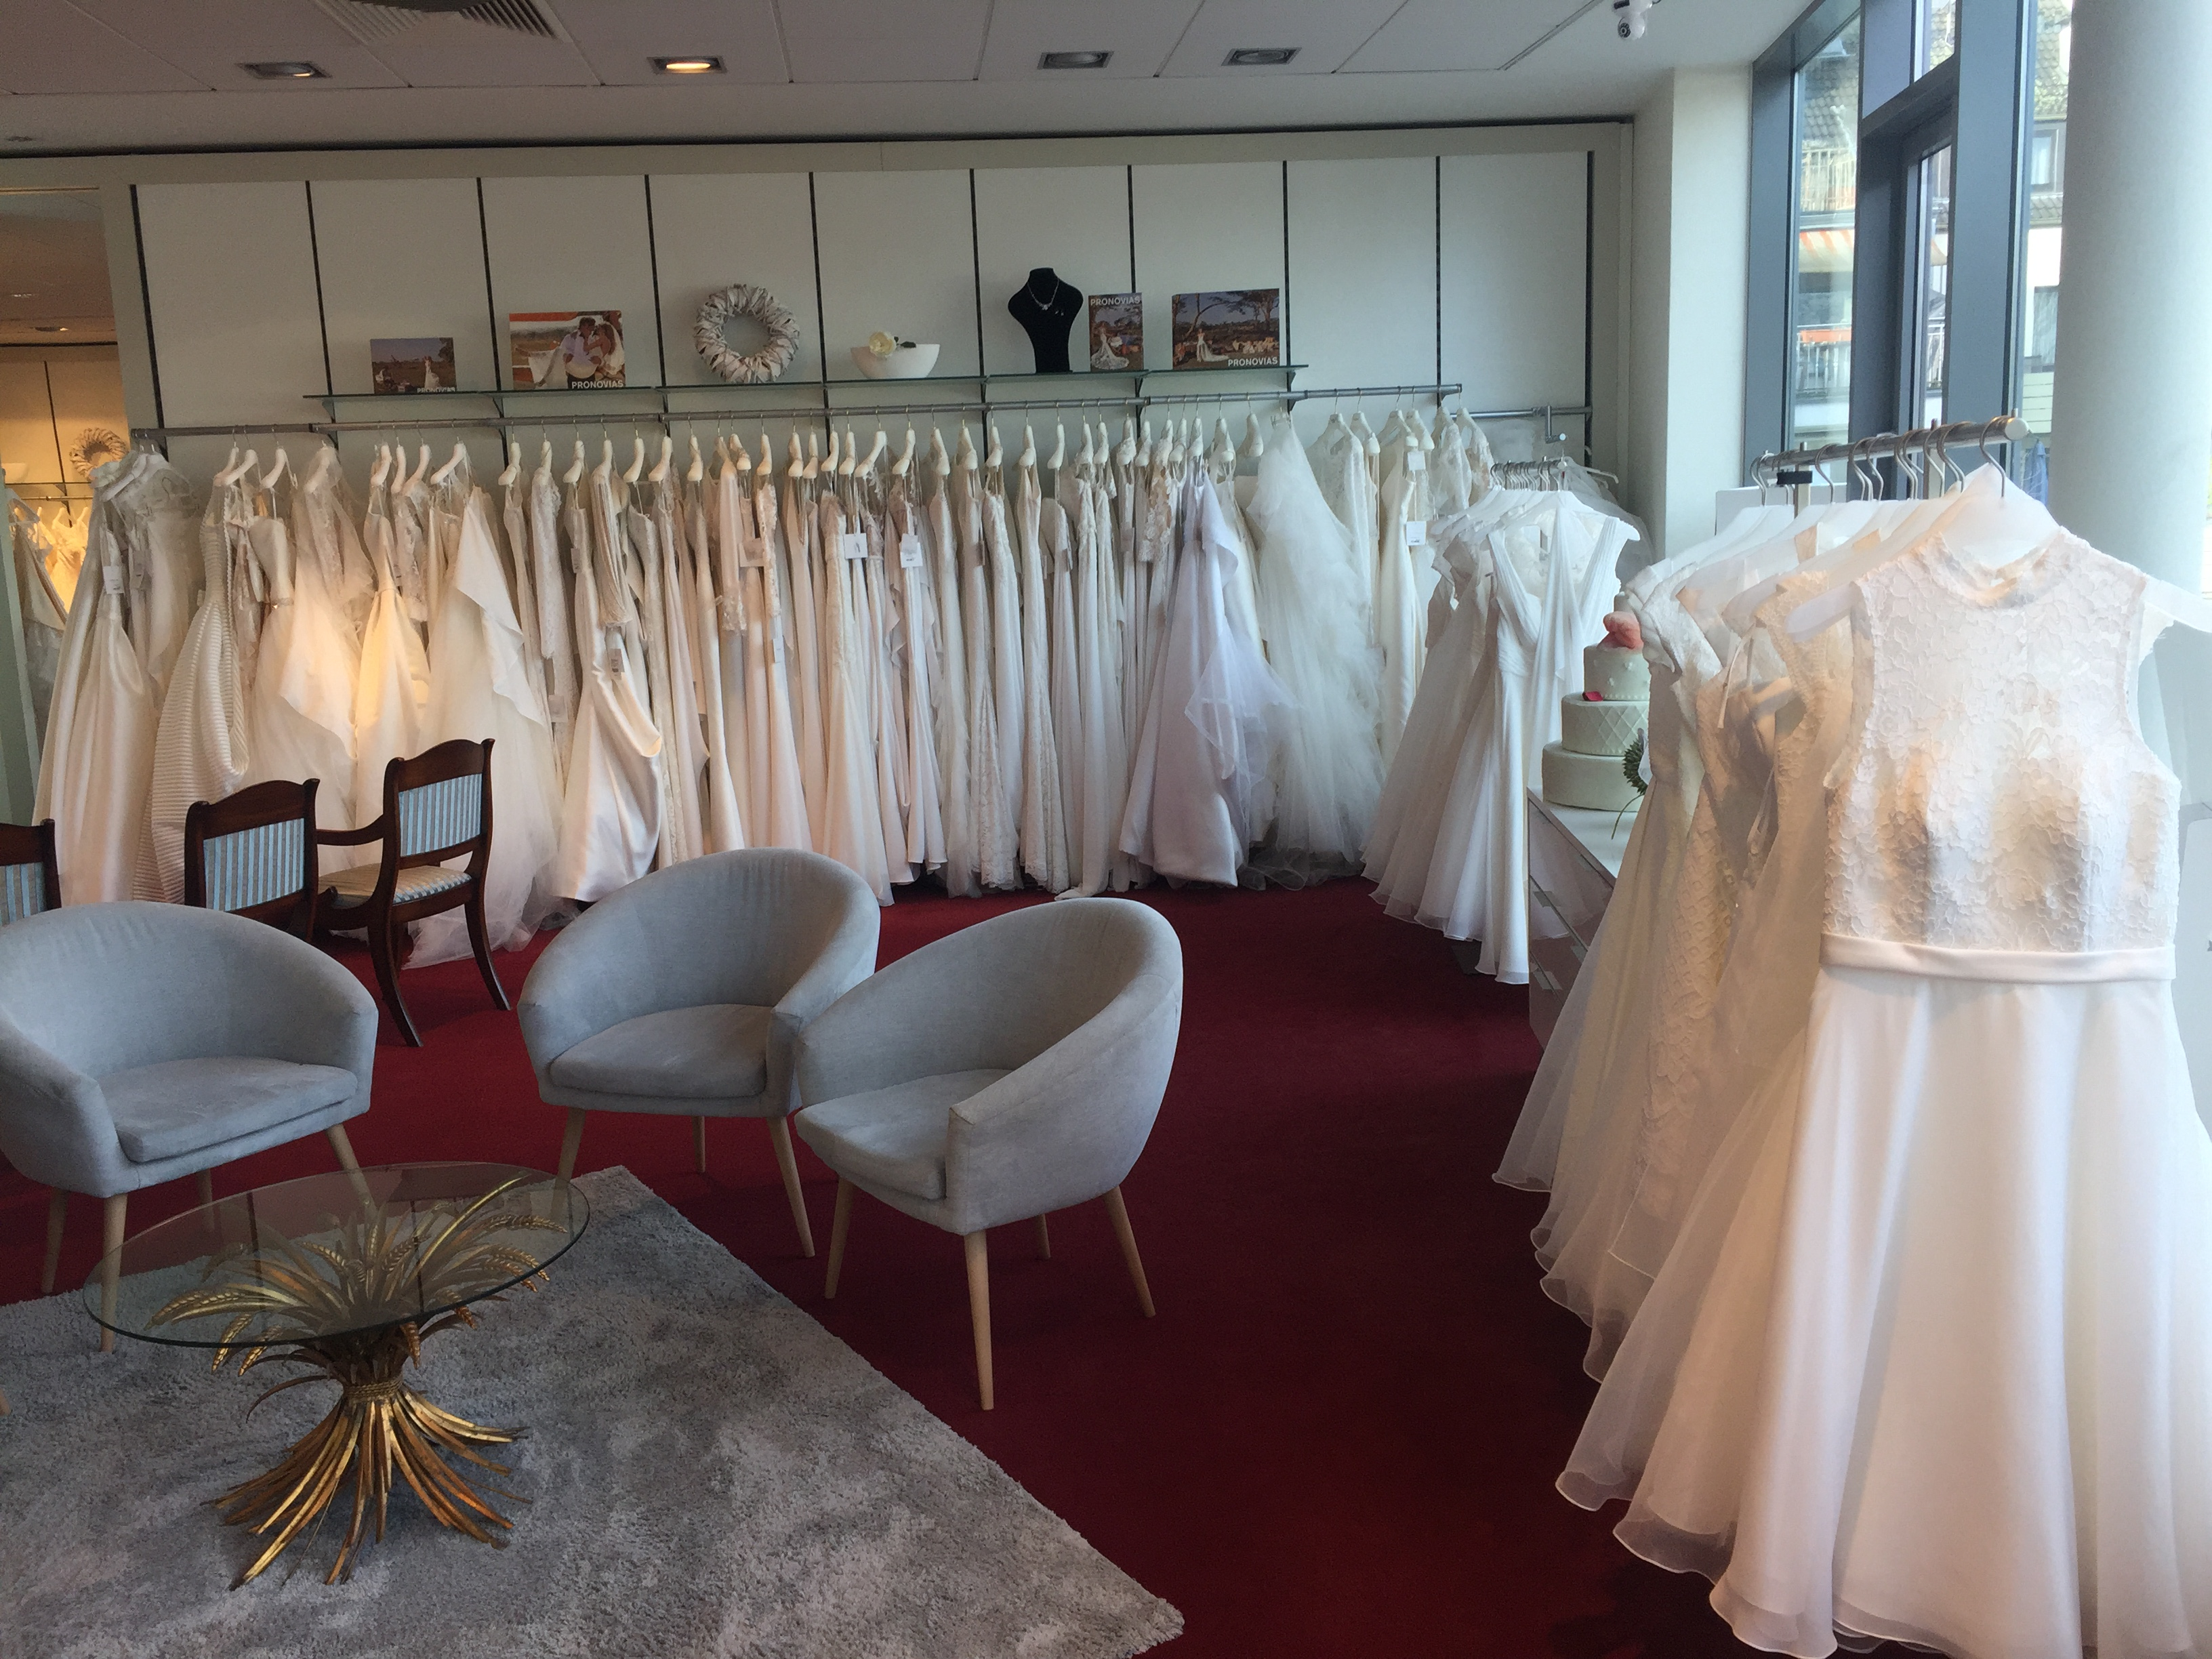 Weiße Brautkleider hängen an Stangen, auf dem Boden roter Teppich